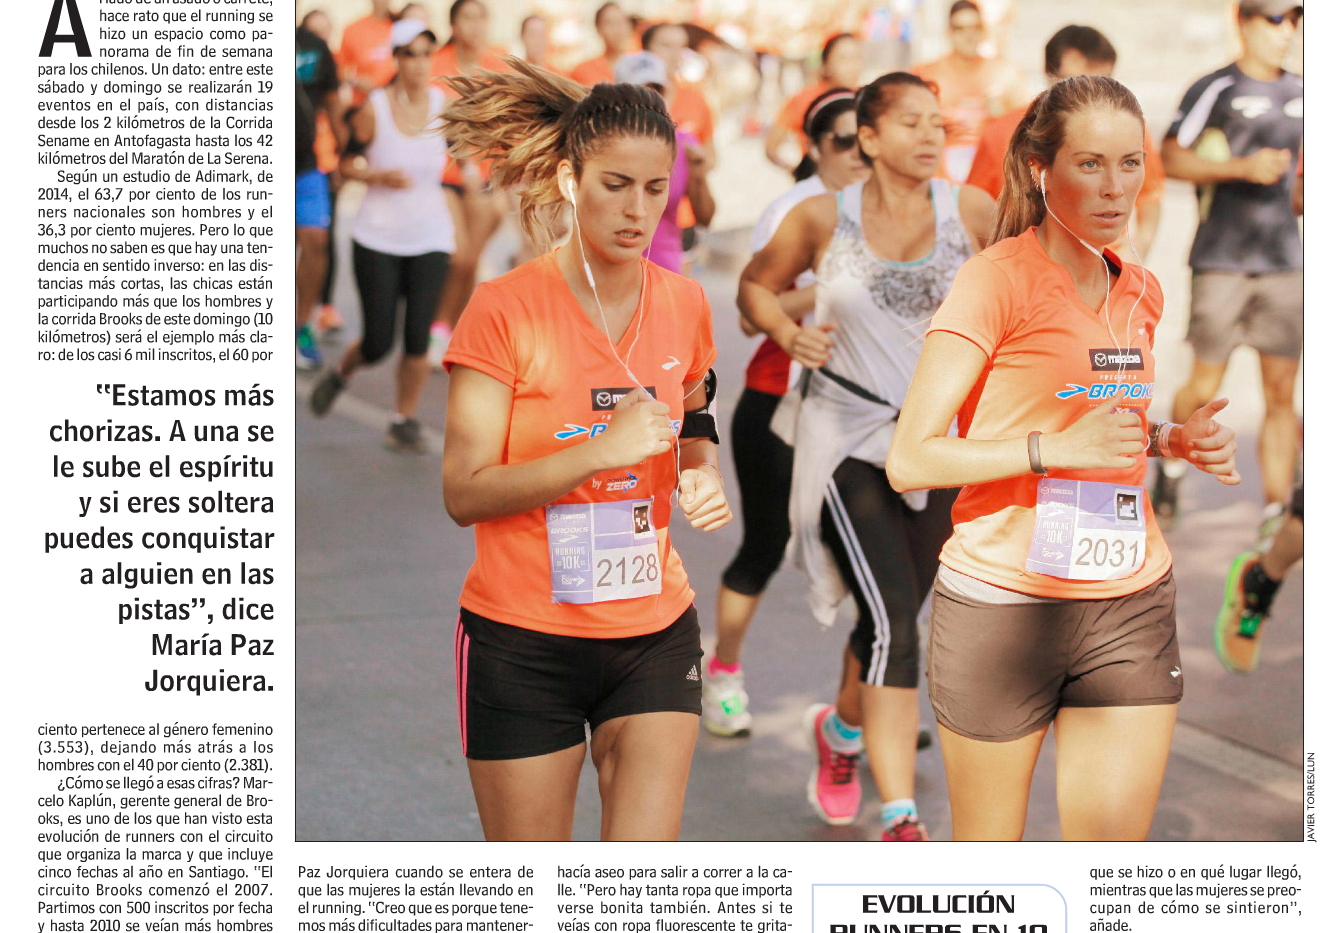 Mujeres y boom en el running (Las Últimas Noticias)